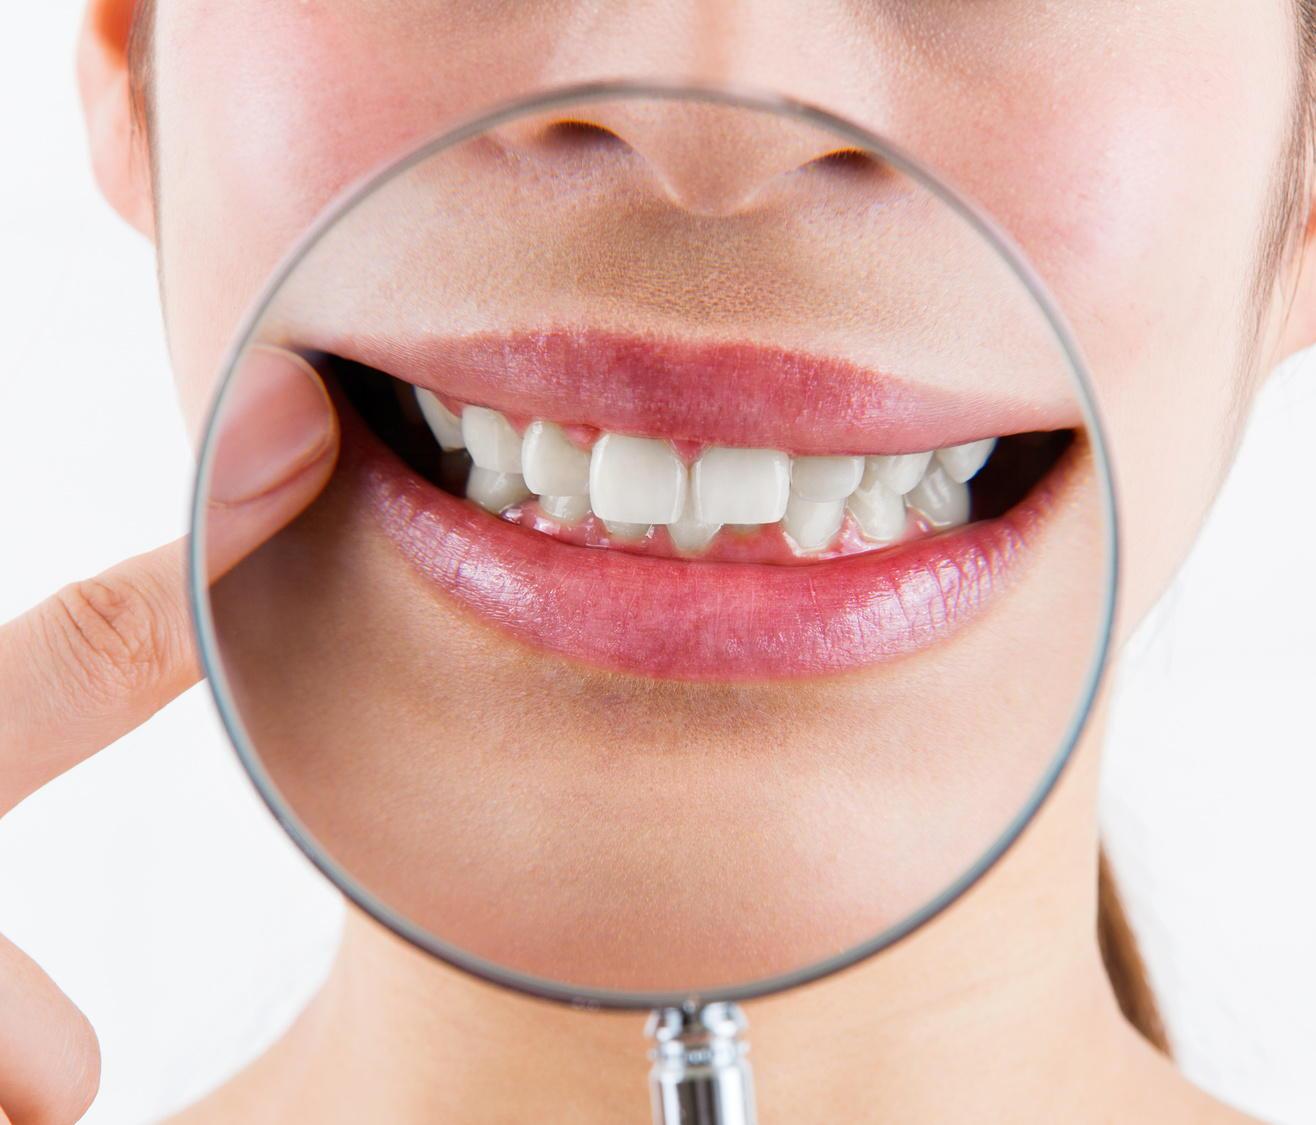 50歳代の6割が歯や口の中が「健康ではない」と回答 歯科医師会調査